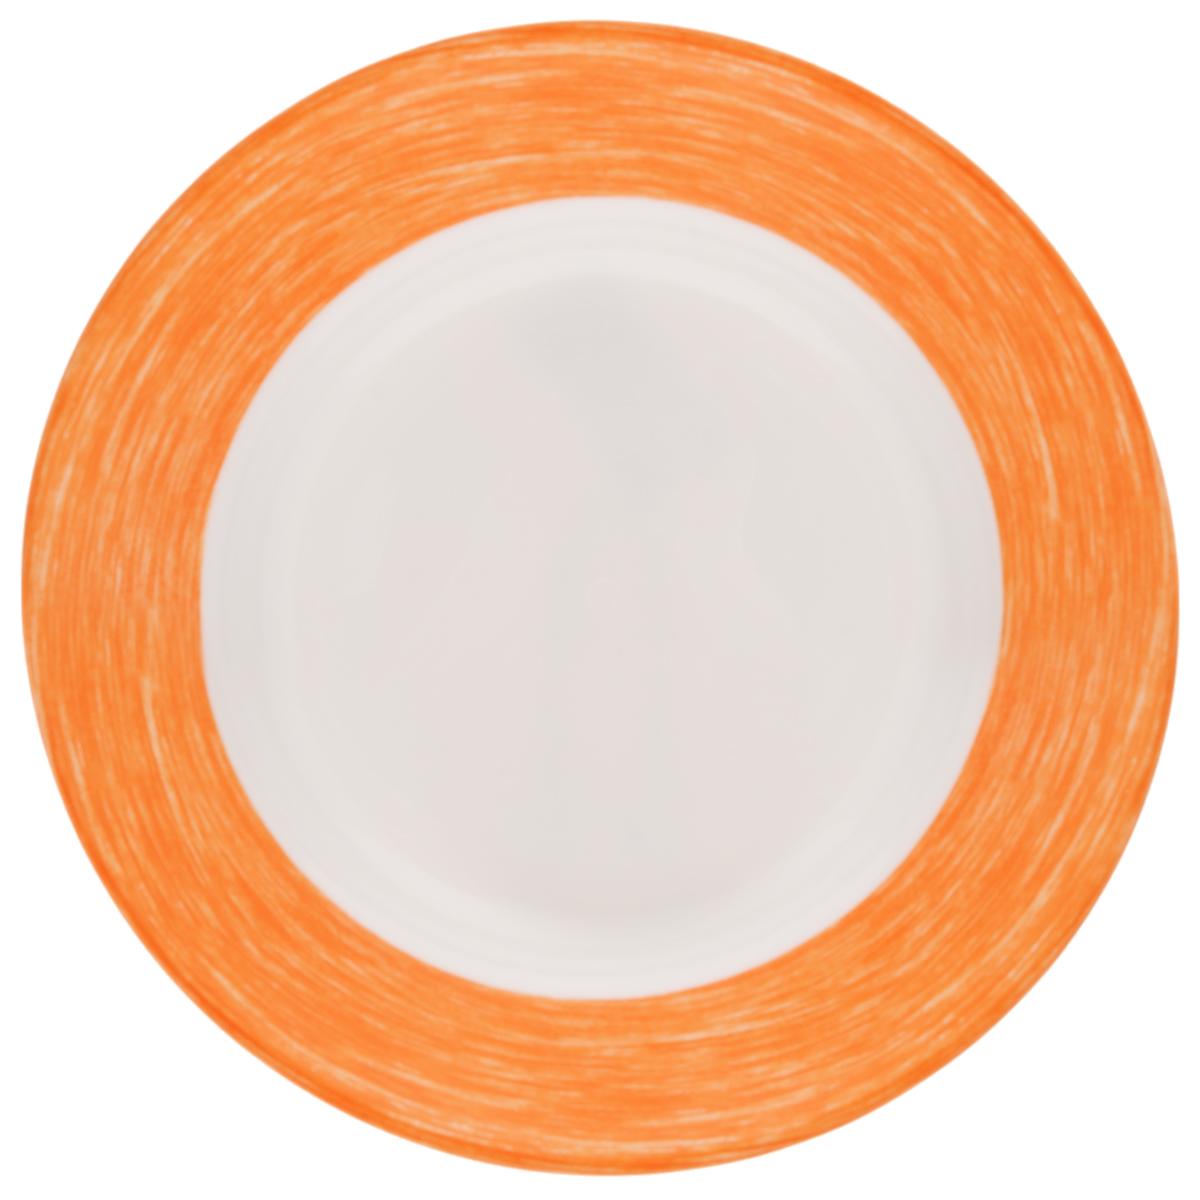 Тарелка глубокая Luminarc Color Days Orange, диаметр 22 см115510Глубокая тарелка Luminarc Color Days Orange выполнена из ударопрочного стекла и имеет классическую круглую форму. Она прекрасно впишется в интерьер вашей кухни и станет достойным дополнением к кухонному инвентарю. Тарелка Luminarc Color Days Orange подчеркнет прекрасный вкус хозяйки и станет отличным подарком. Диаметр тарелки (по верхнему краю): 22 см.